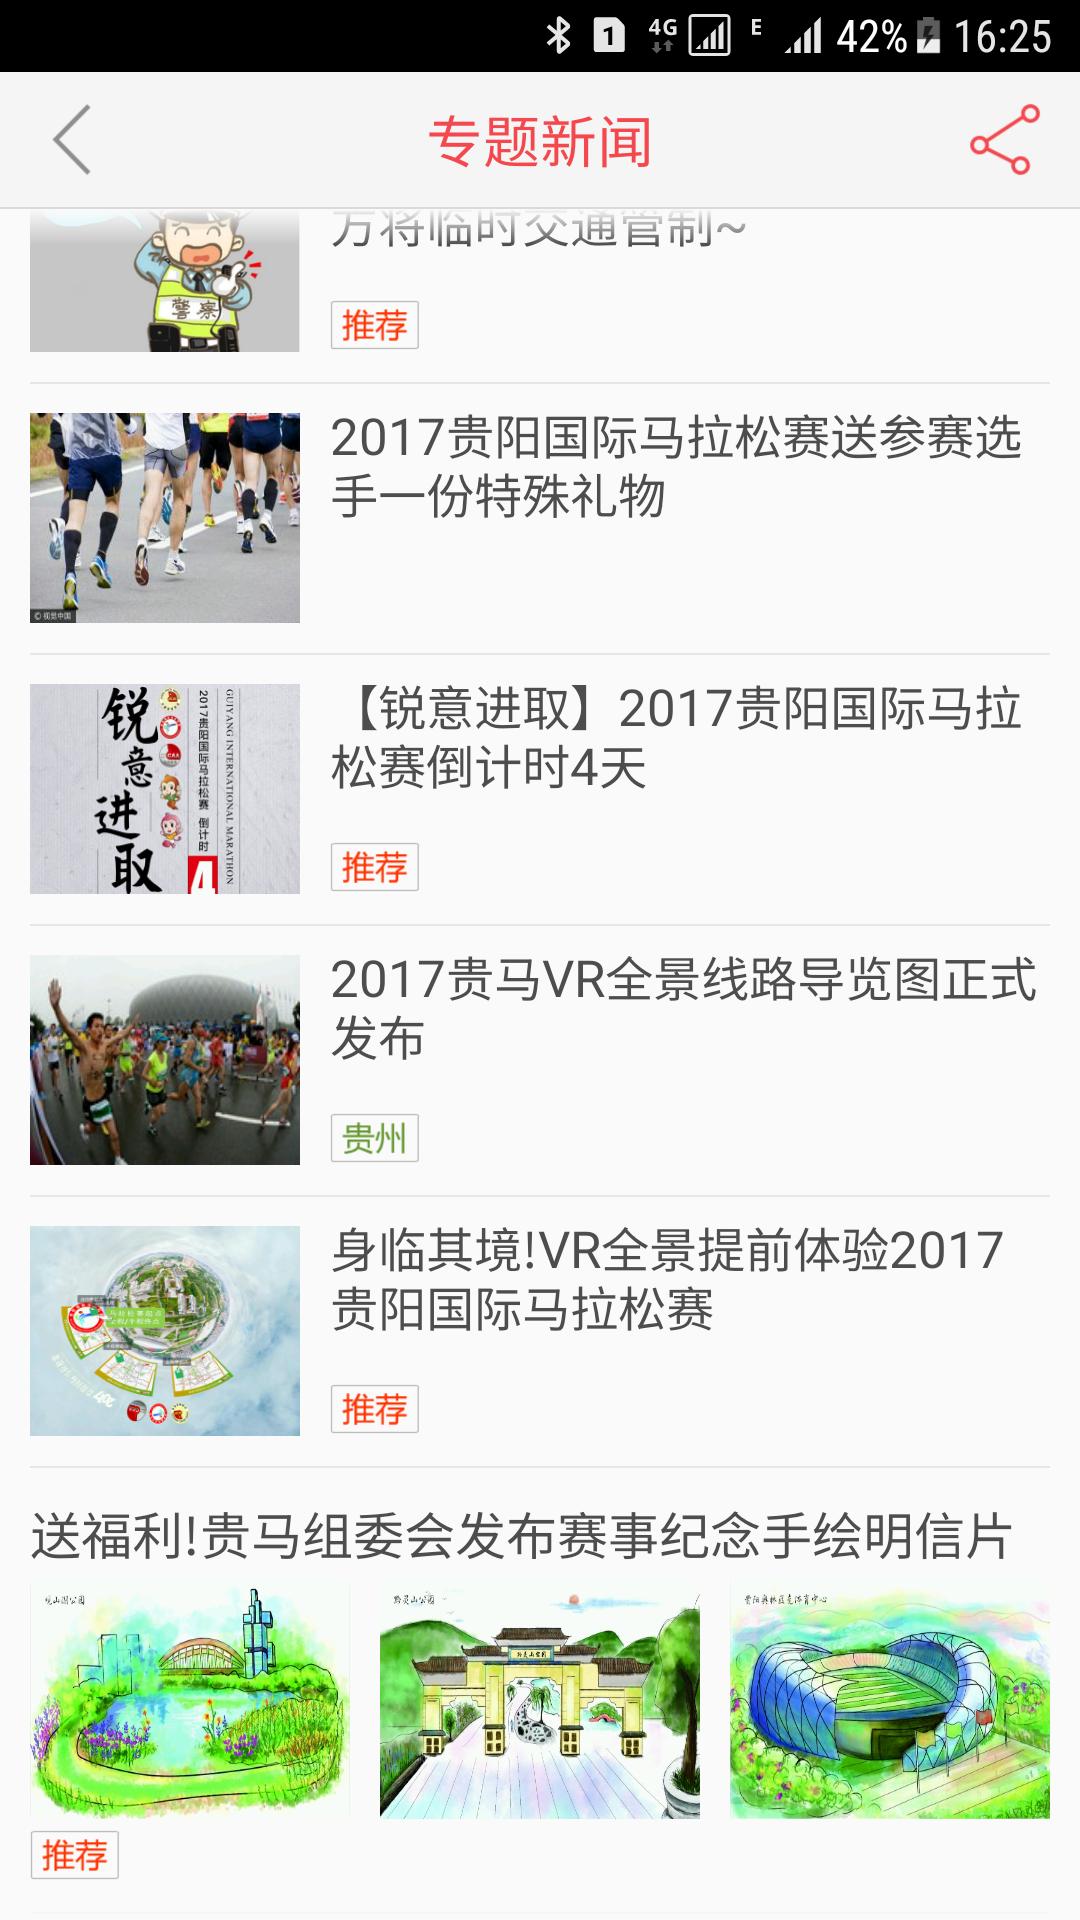 贵阳日报、贵阳晚报等媒体对2017贵阳国际马拉松赛VR全景线路导览图进行报道